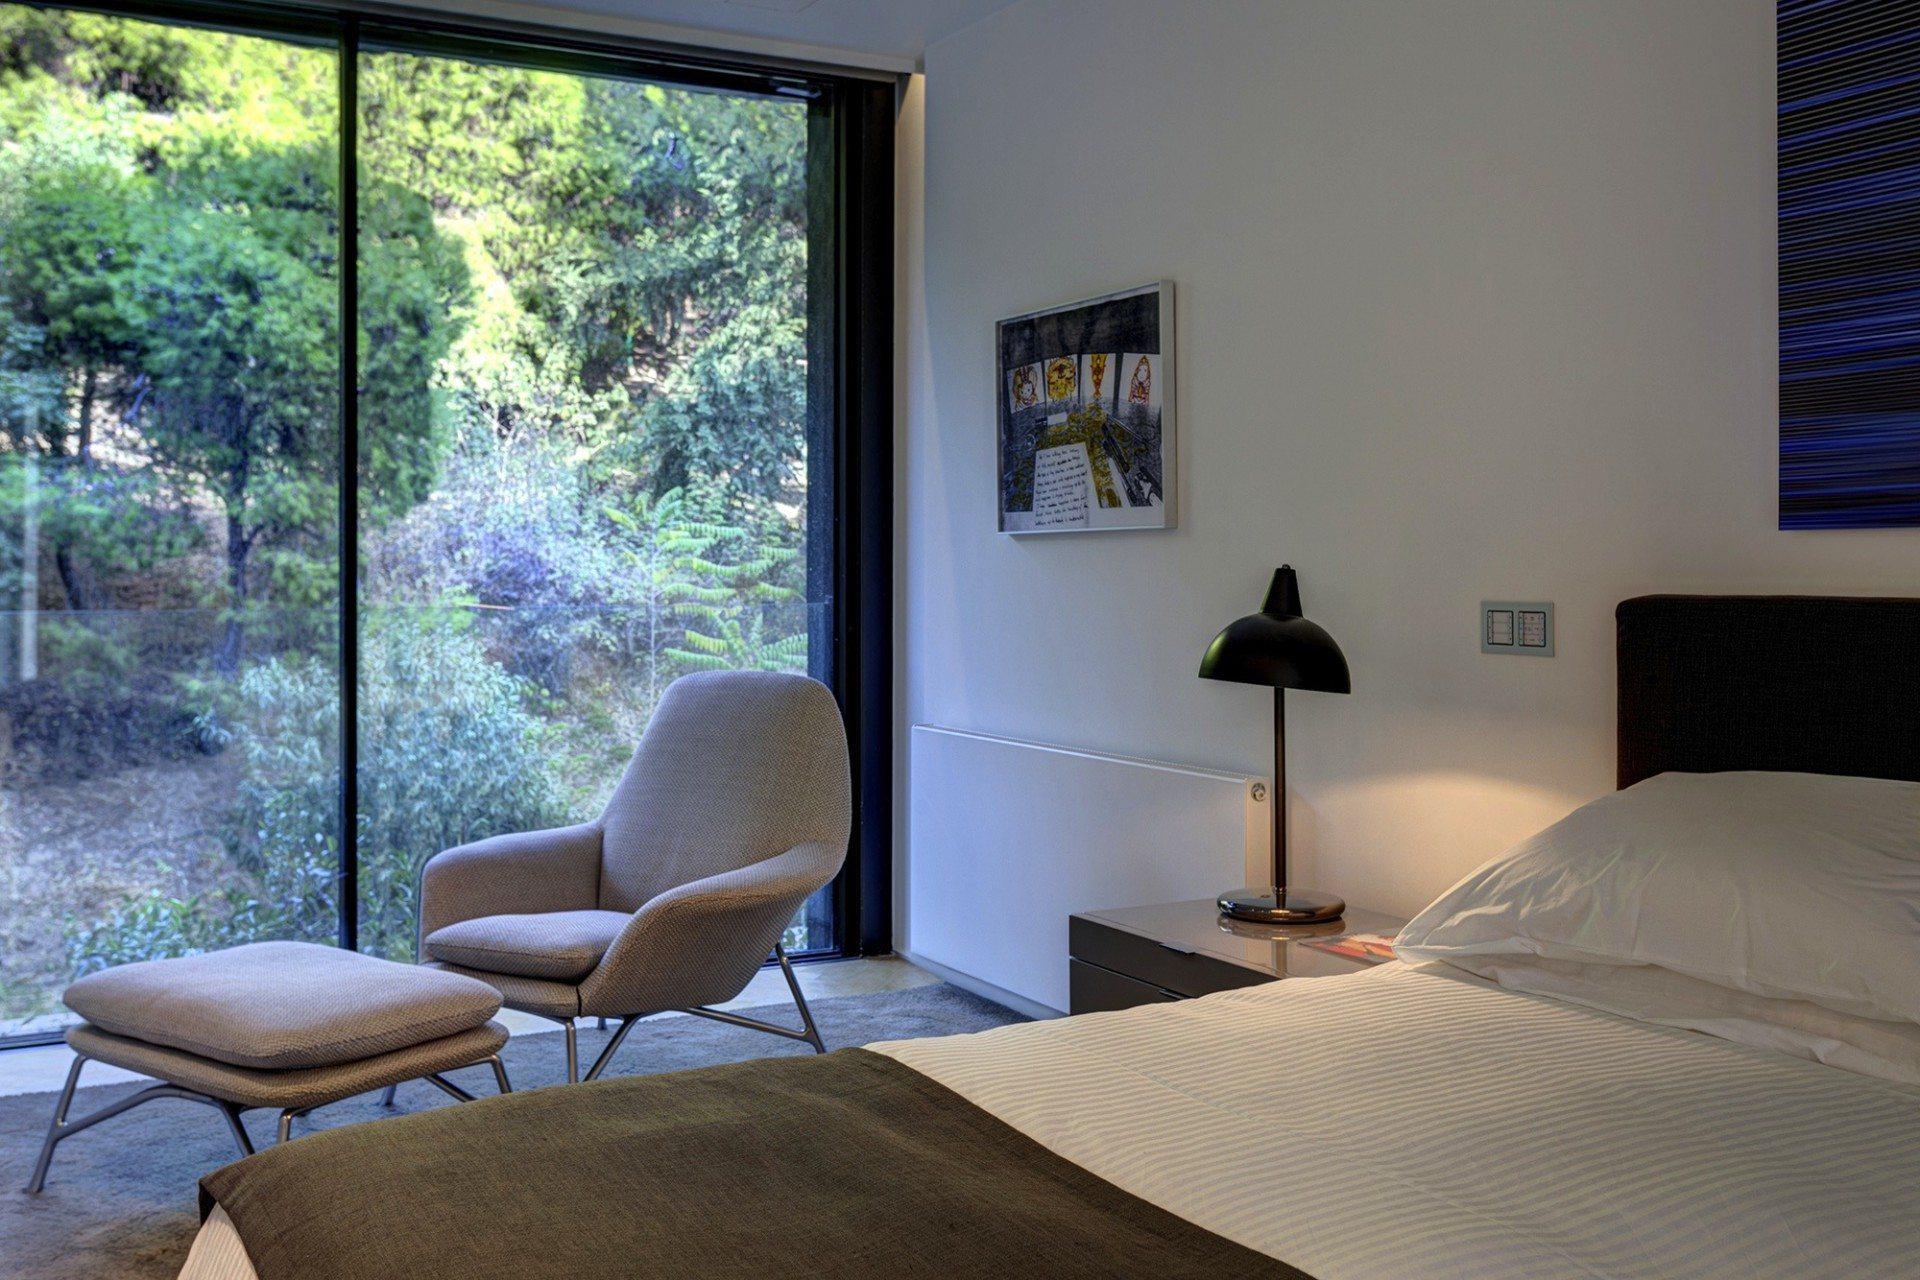 Lichteinfall. Durch die raumhohen Verglasungen fällt viel natürliches Licht in die Wohnräume.